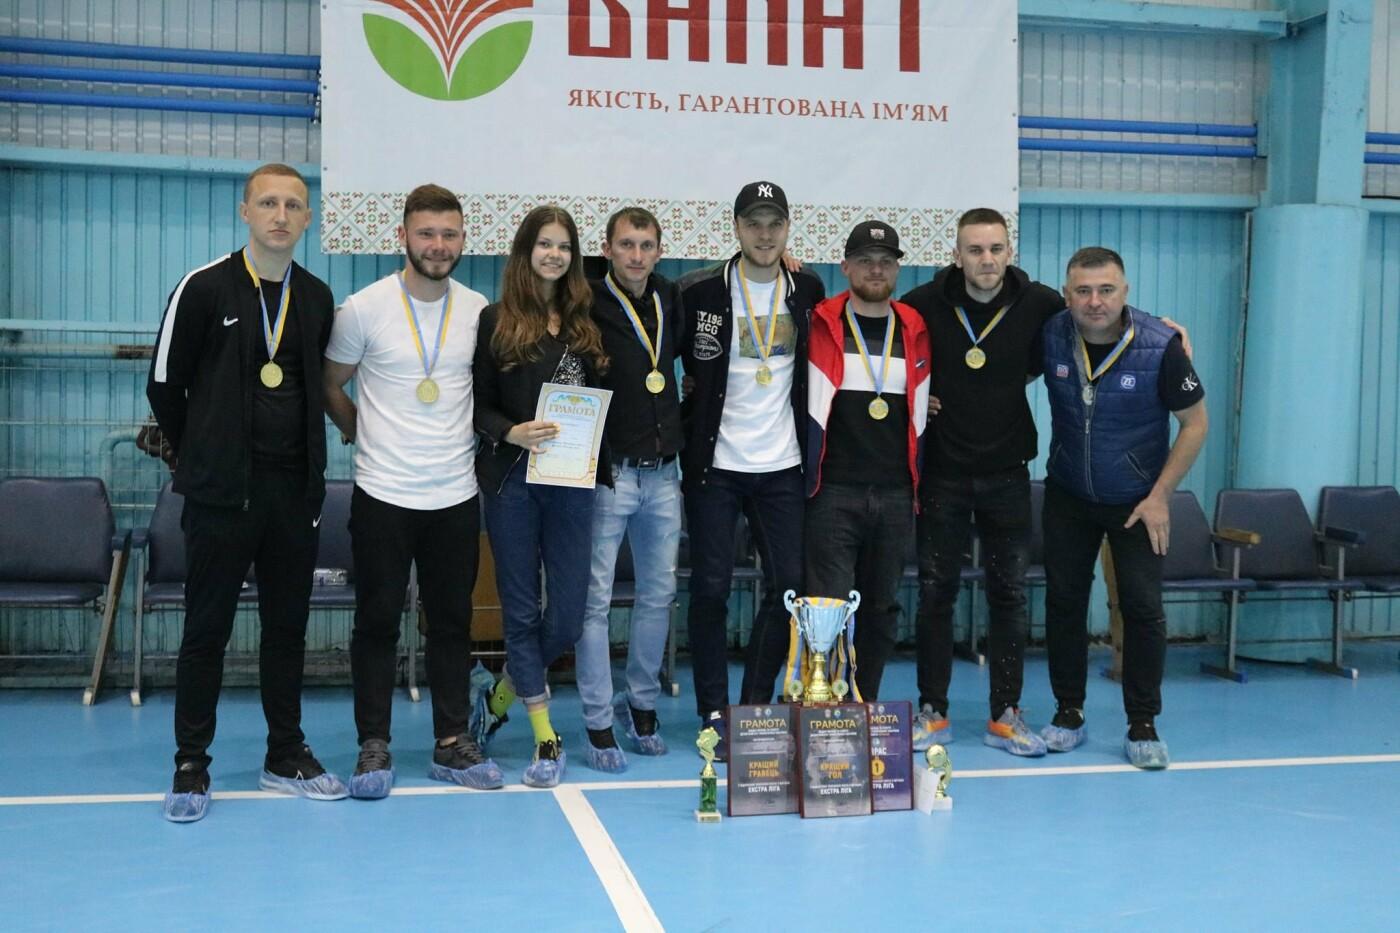 У Кам'янці вперше проходив чемпіонат з футболу серед любителів та професіоналів, фото-2